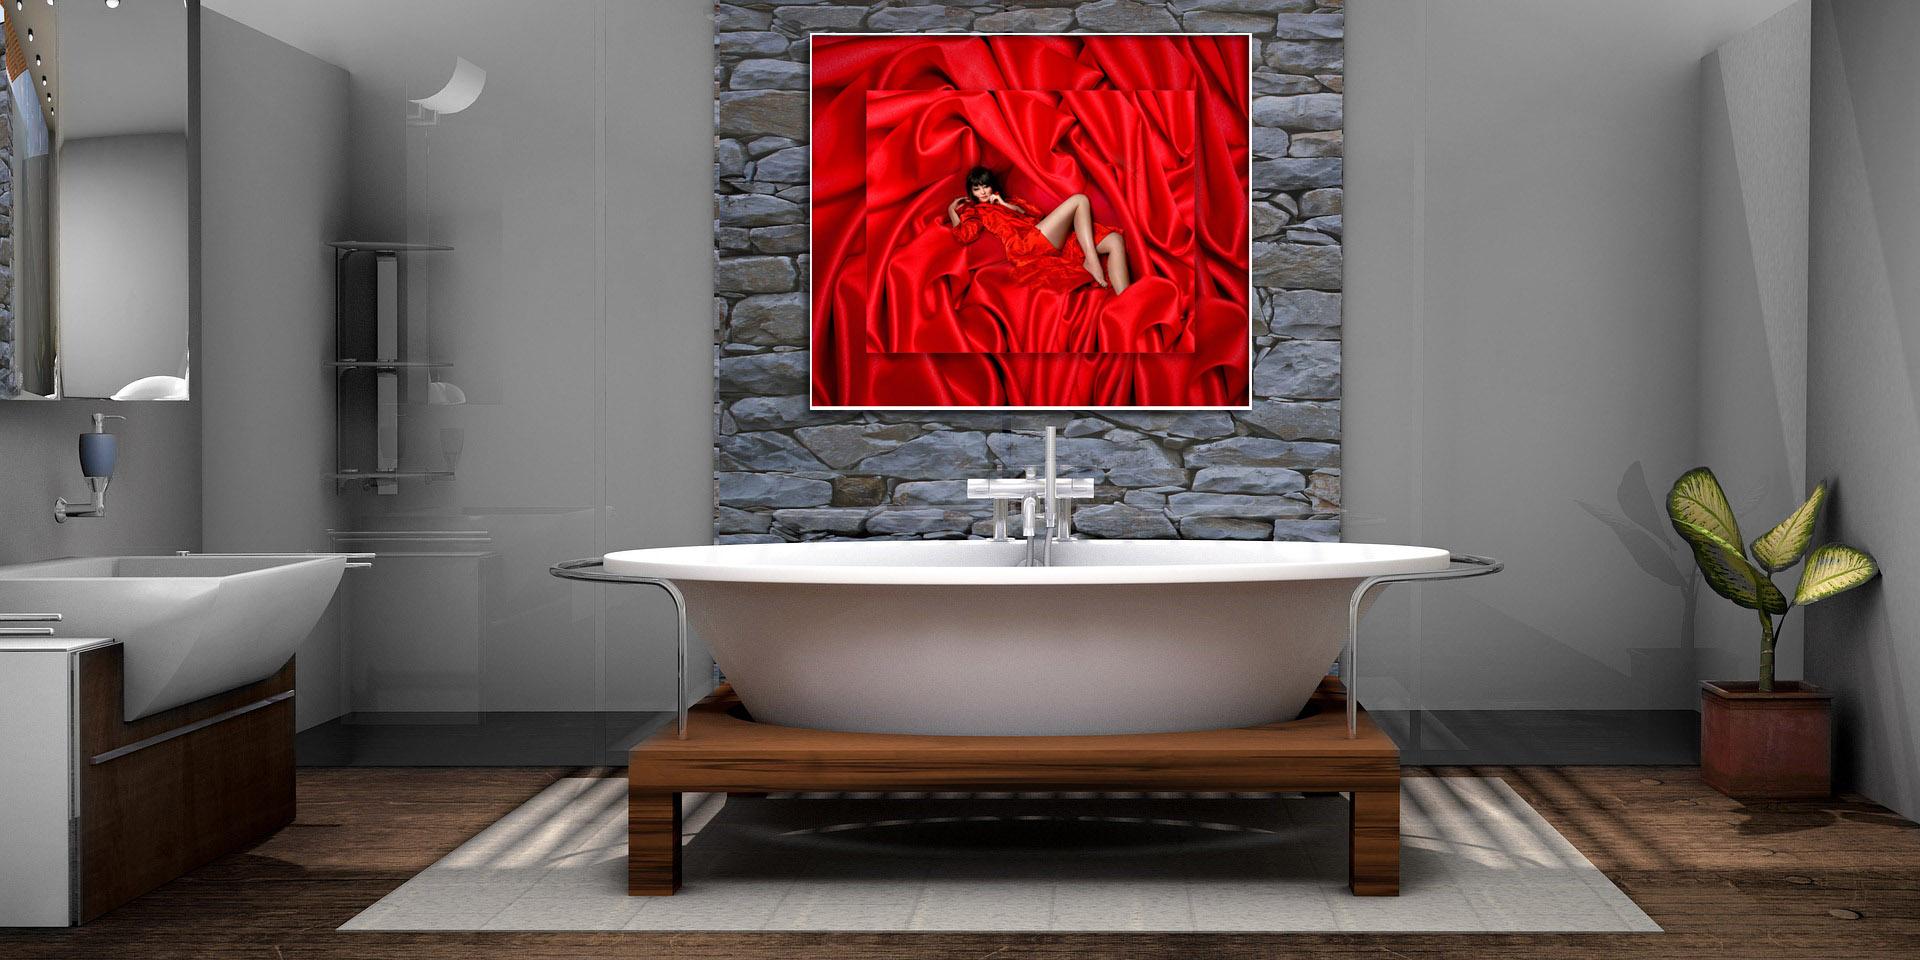 GALL-bath_red